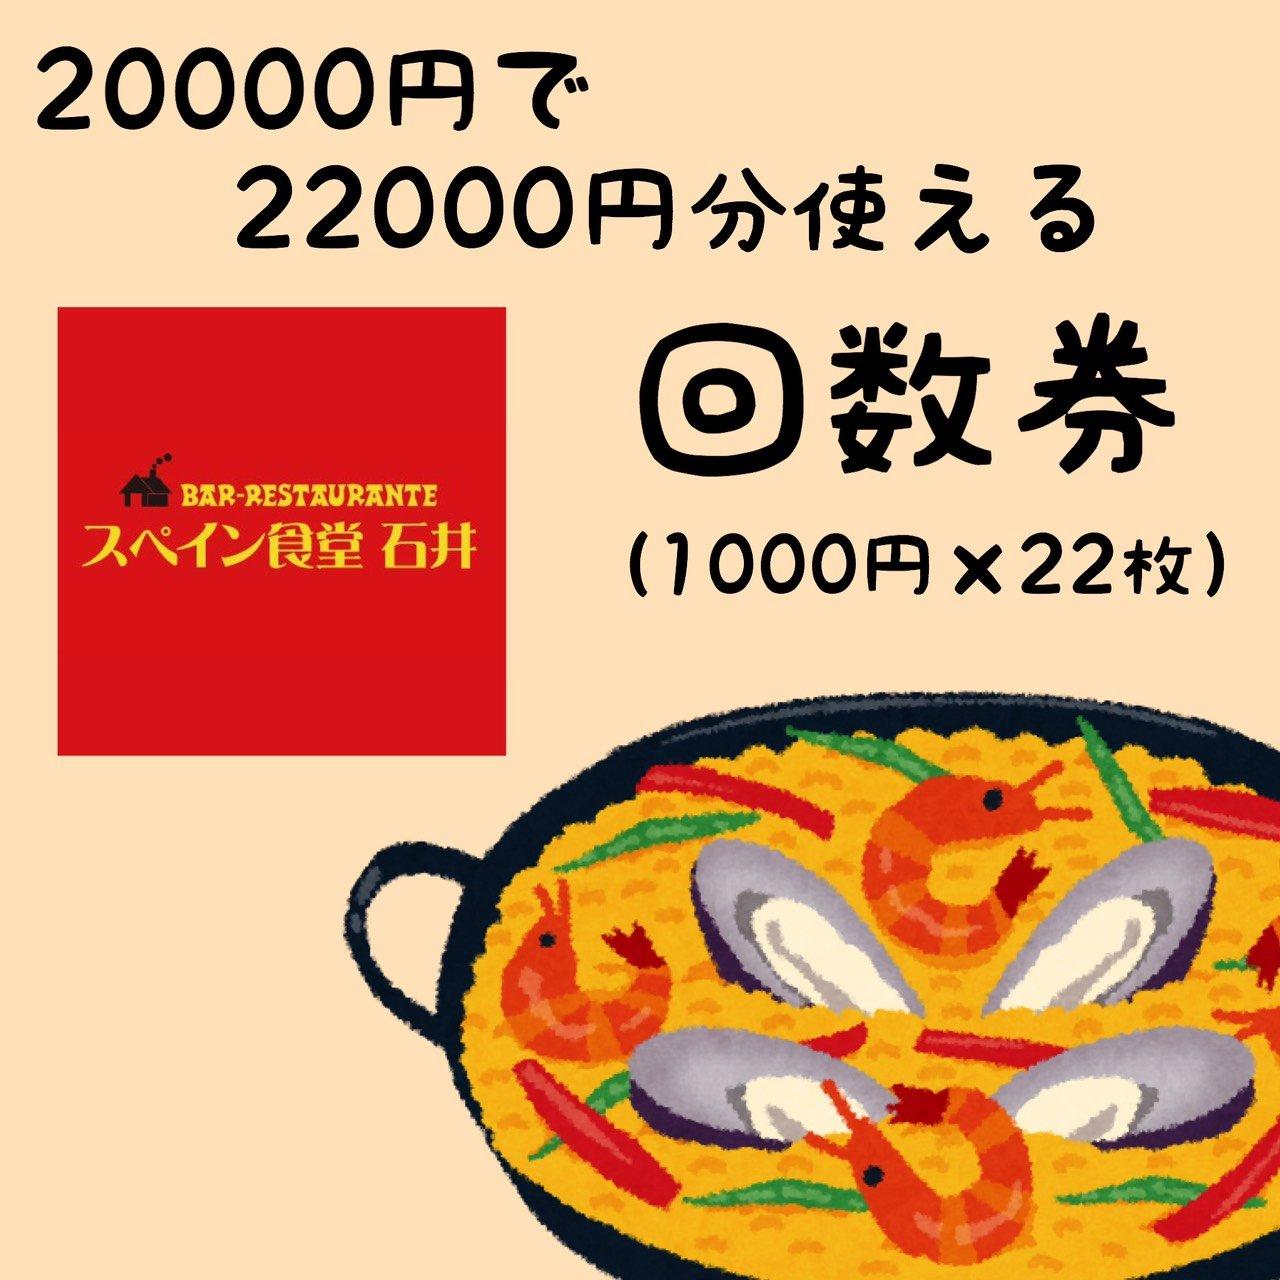 【テイクアウト用】22000円分利用できる回数券のイメージその1